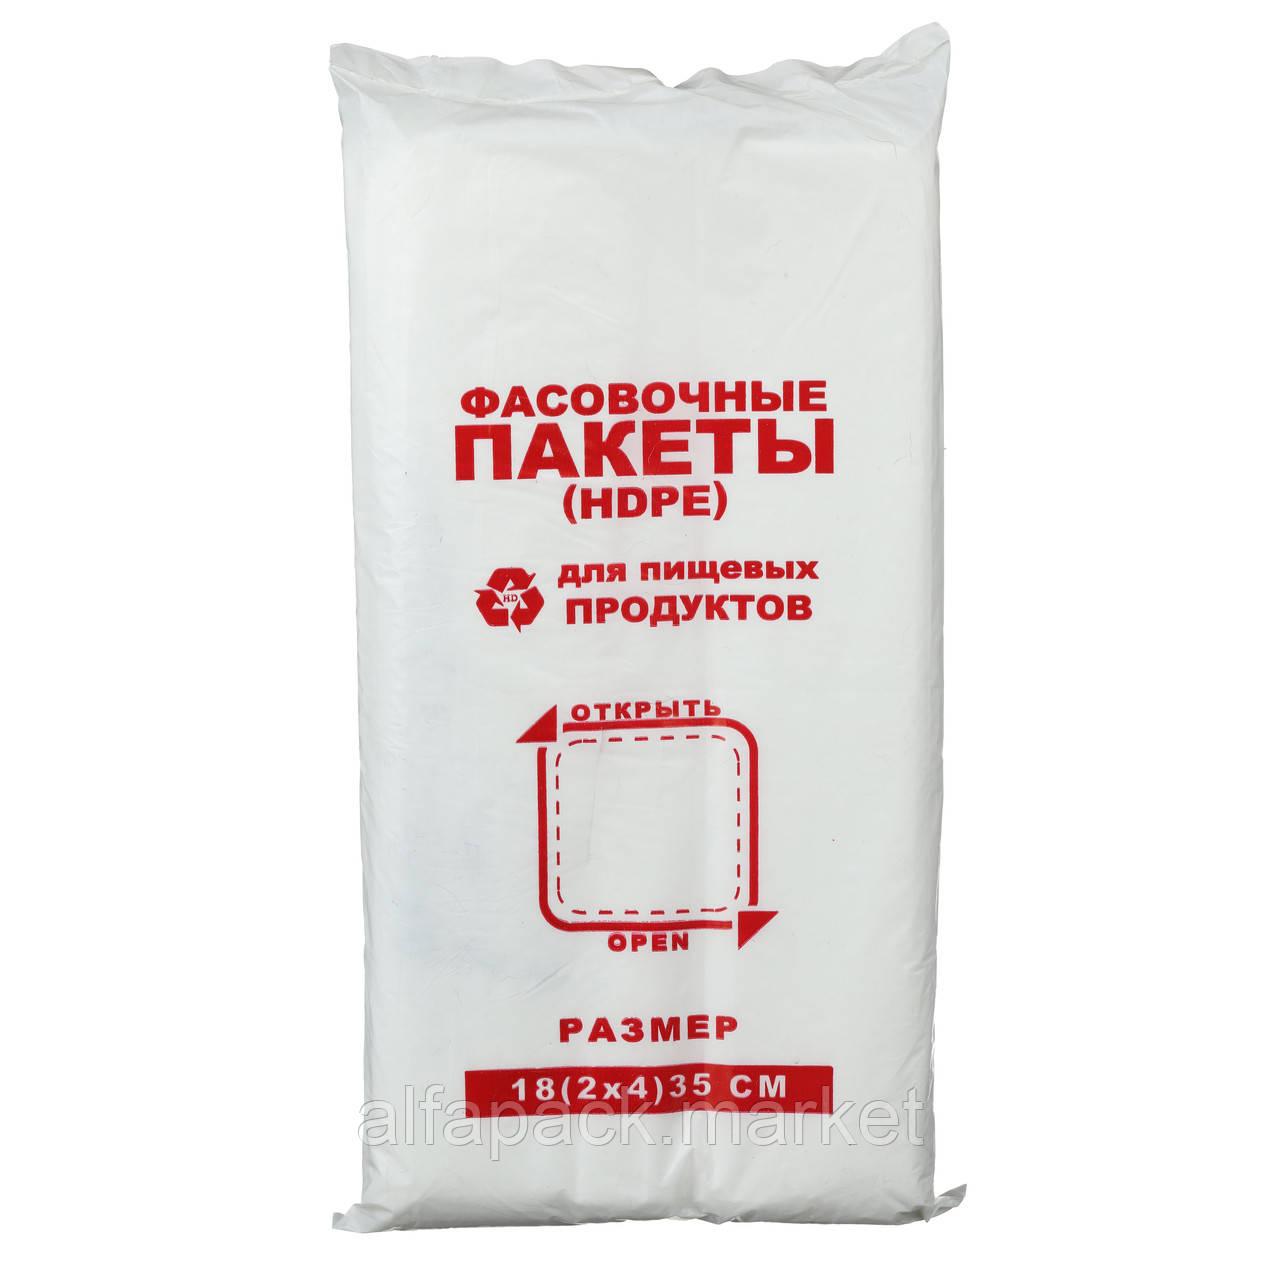 Пакет фасовка 180*/2*4/*350, 7мкм